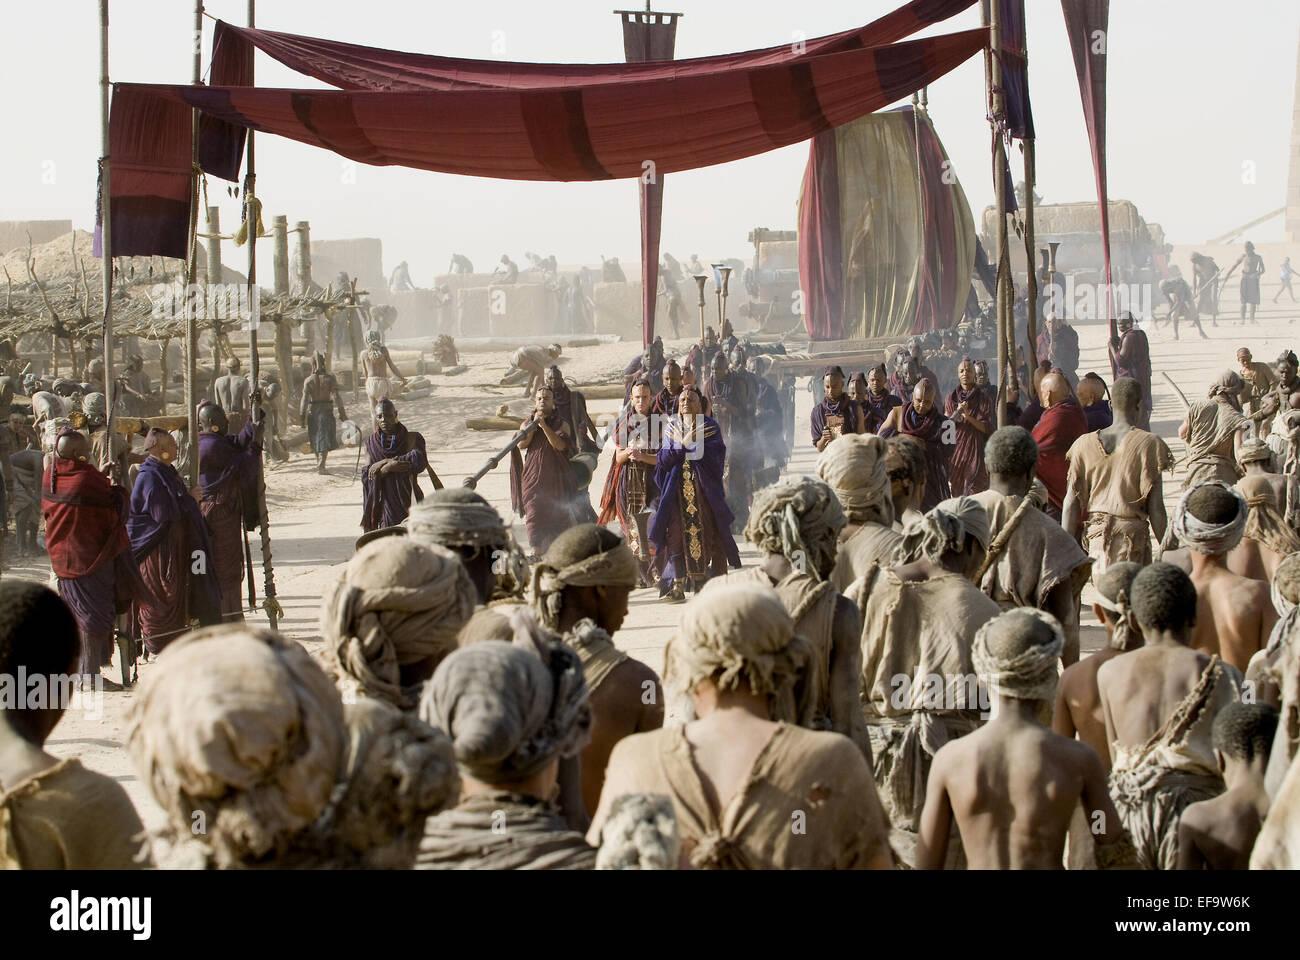 GENERAL SCENE 10 000 BC (2008) - Stock Image